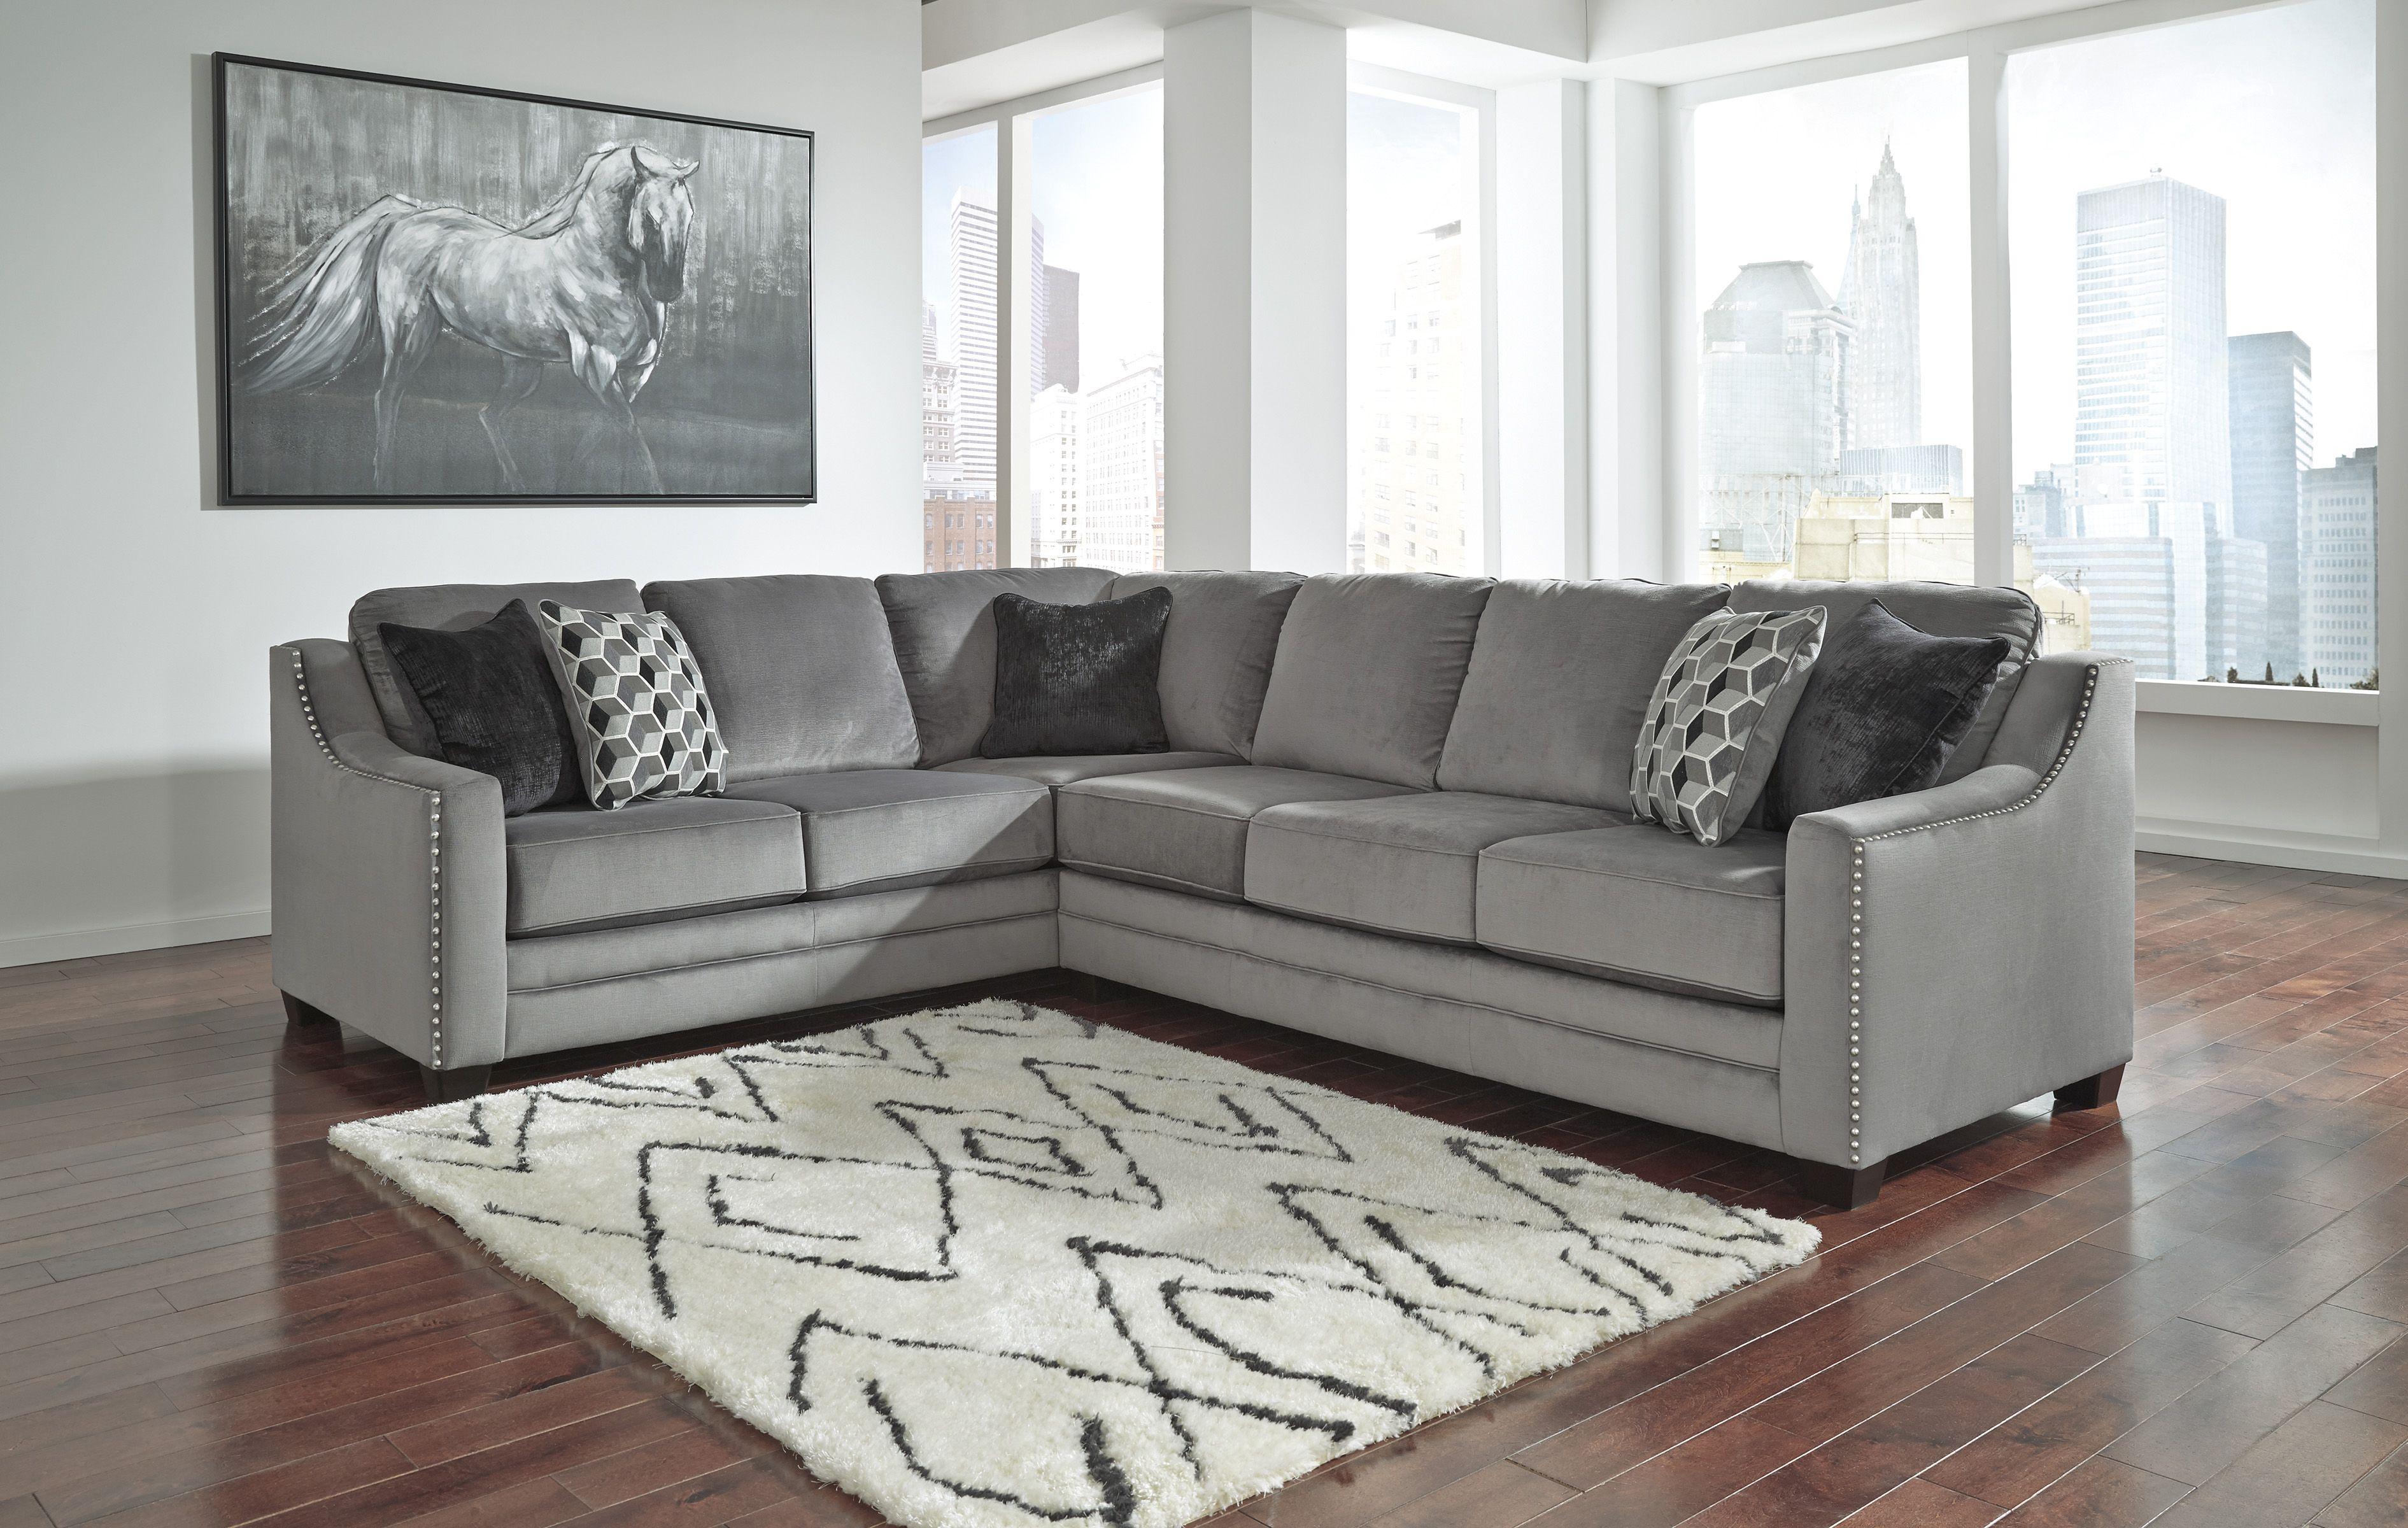 most durable sofa brands homemade modern ep 70 outdoor sectional sofas energywarden